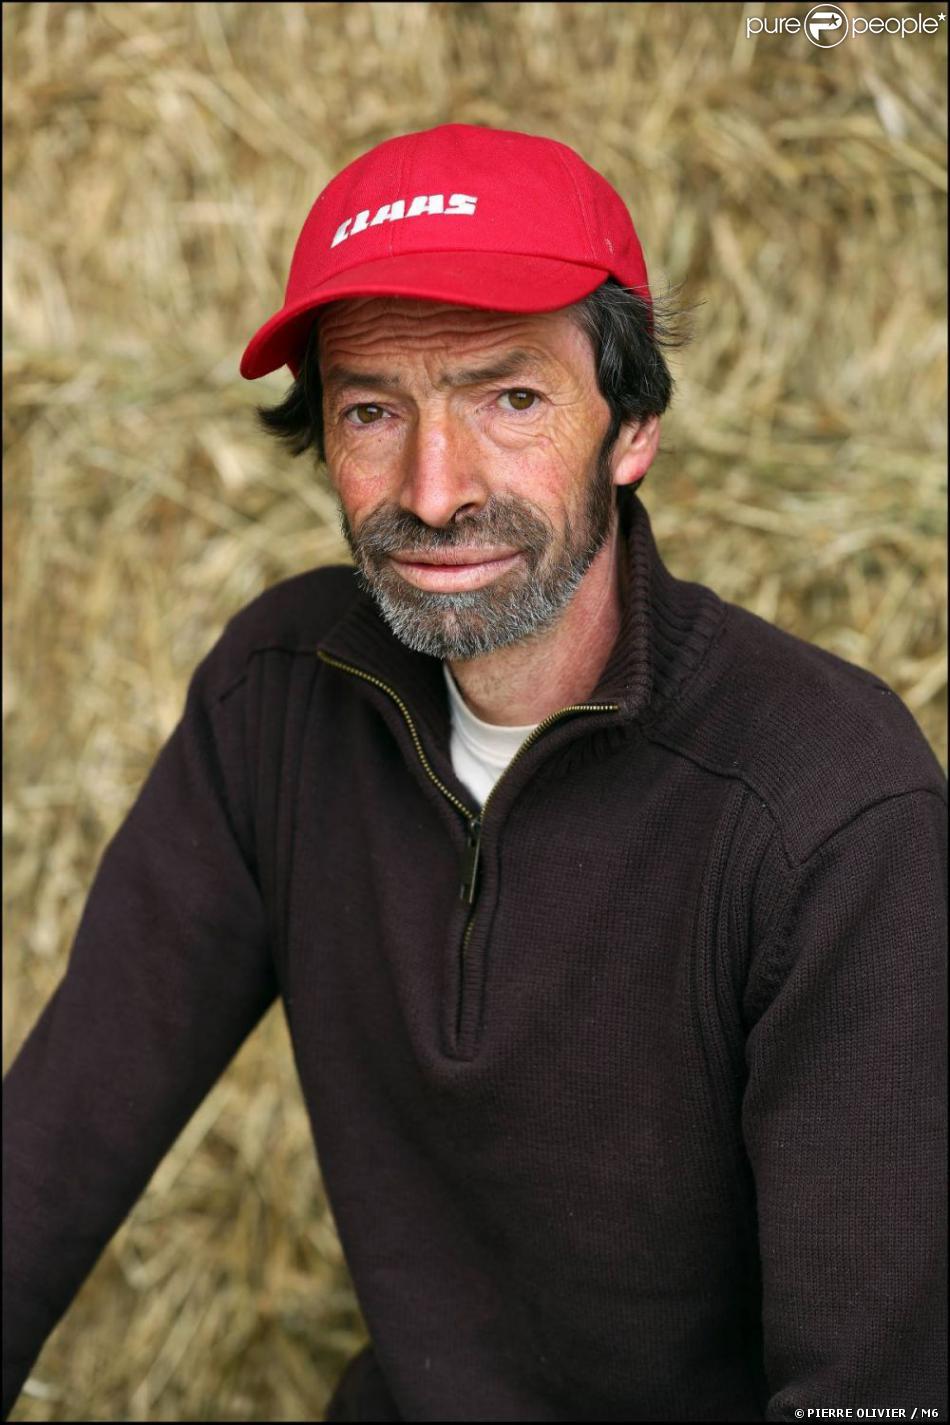 L'amour est dans le pré 8 - Jean-Louis, 51 ans, polyculteur, éleveur de brebis à viande et de moutons. Contemplatif, poète, mais aussi sportif, il aime faire du ski et des balades en raquettes.